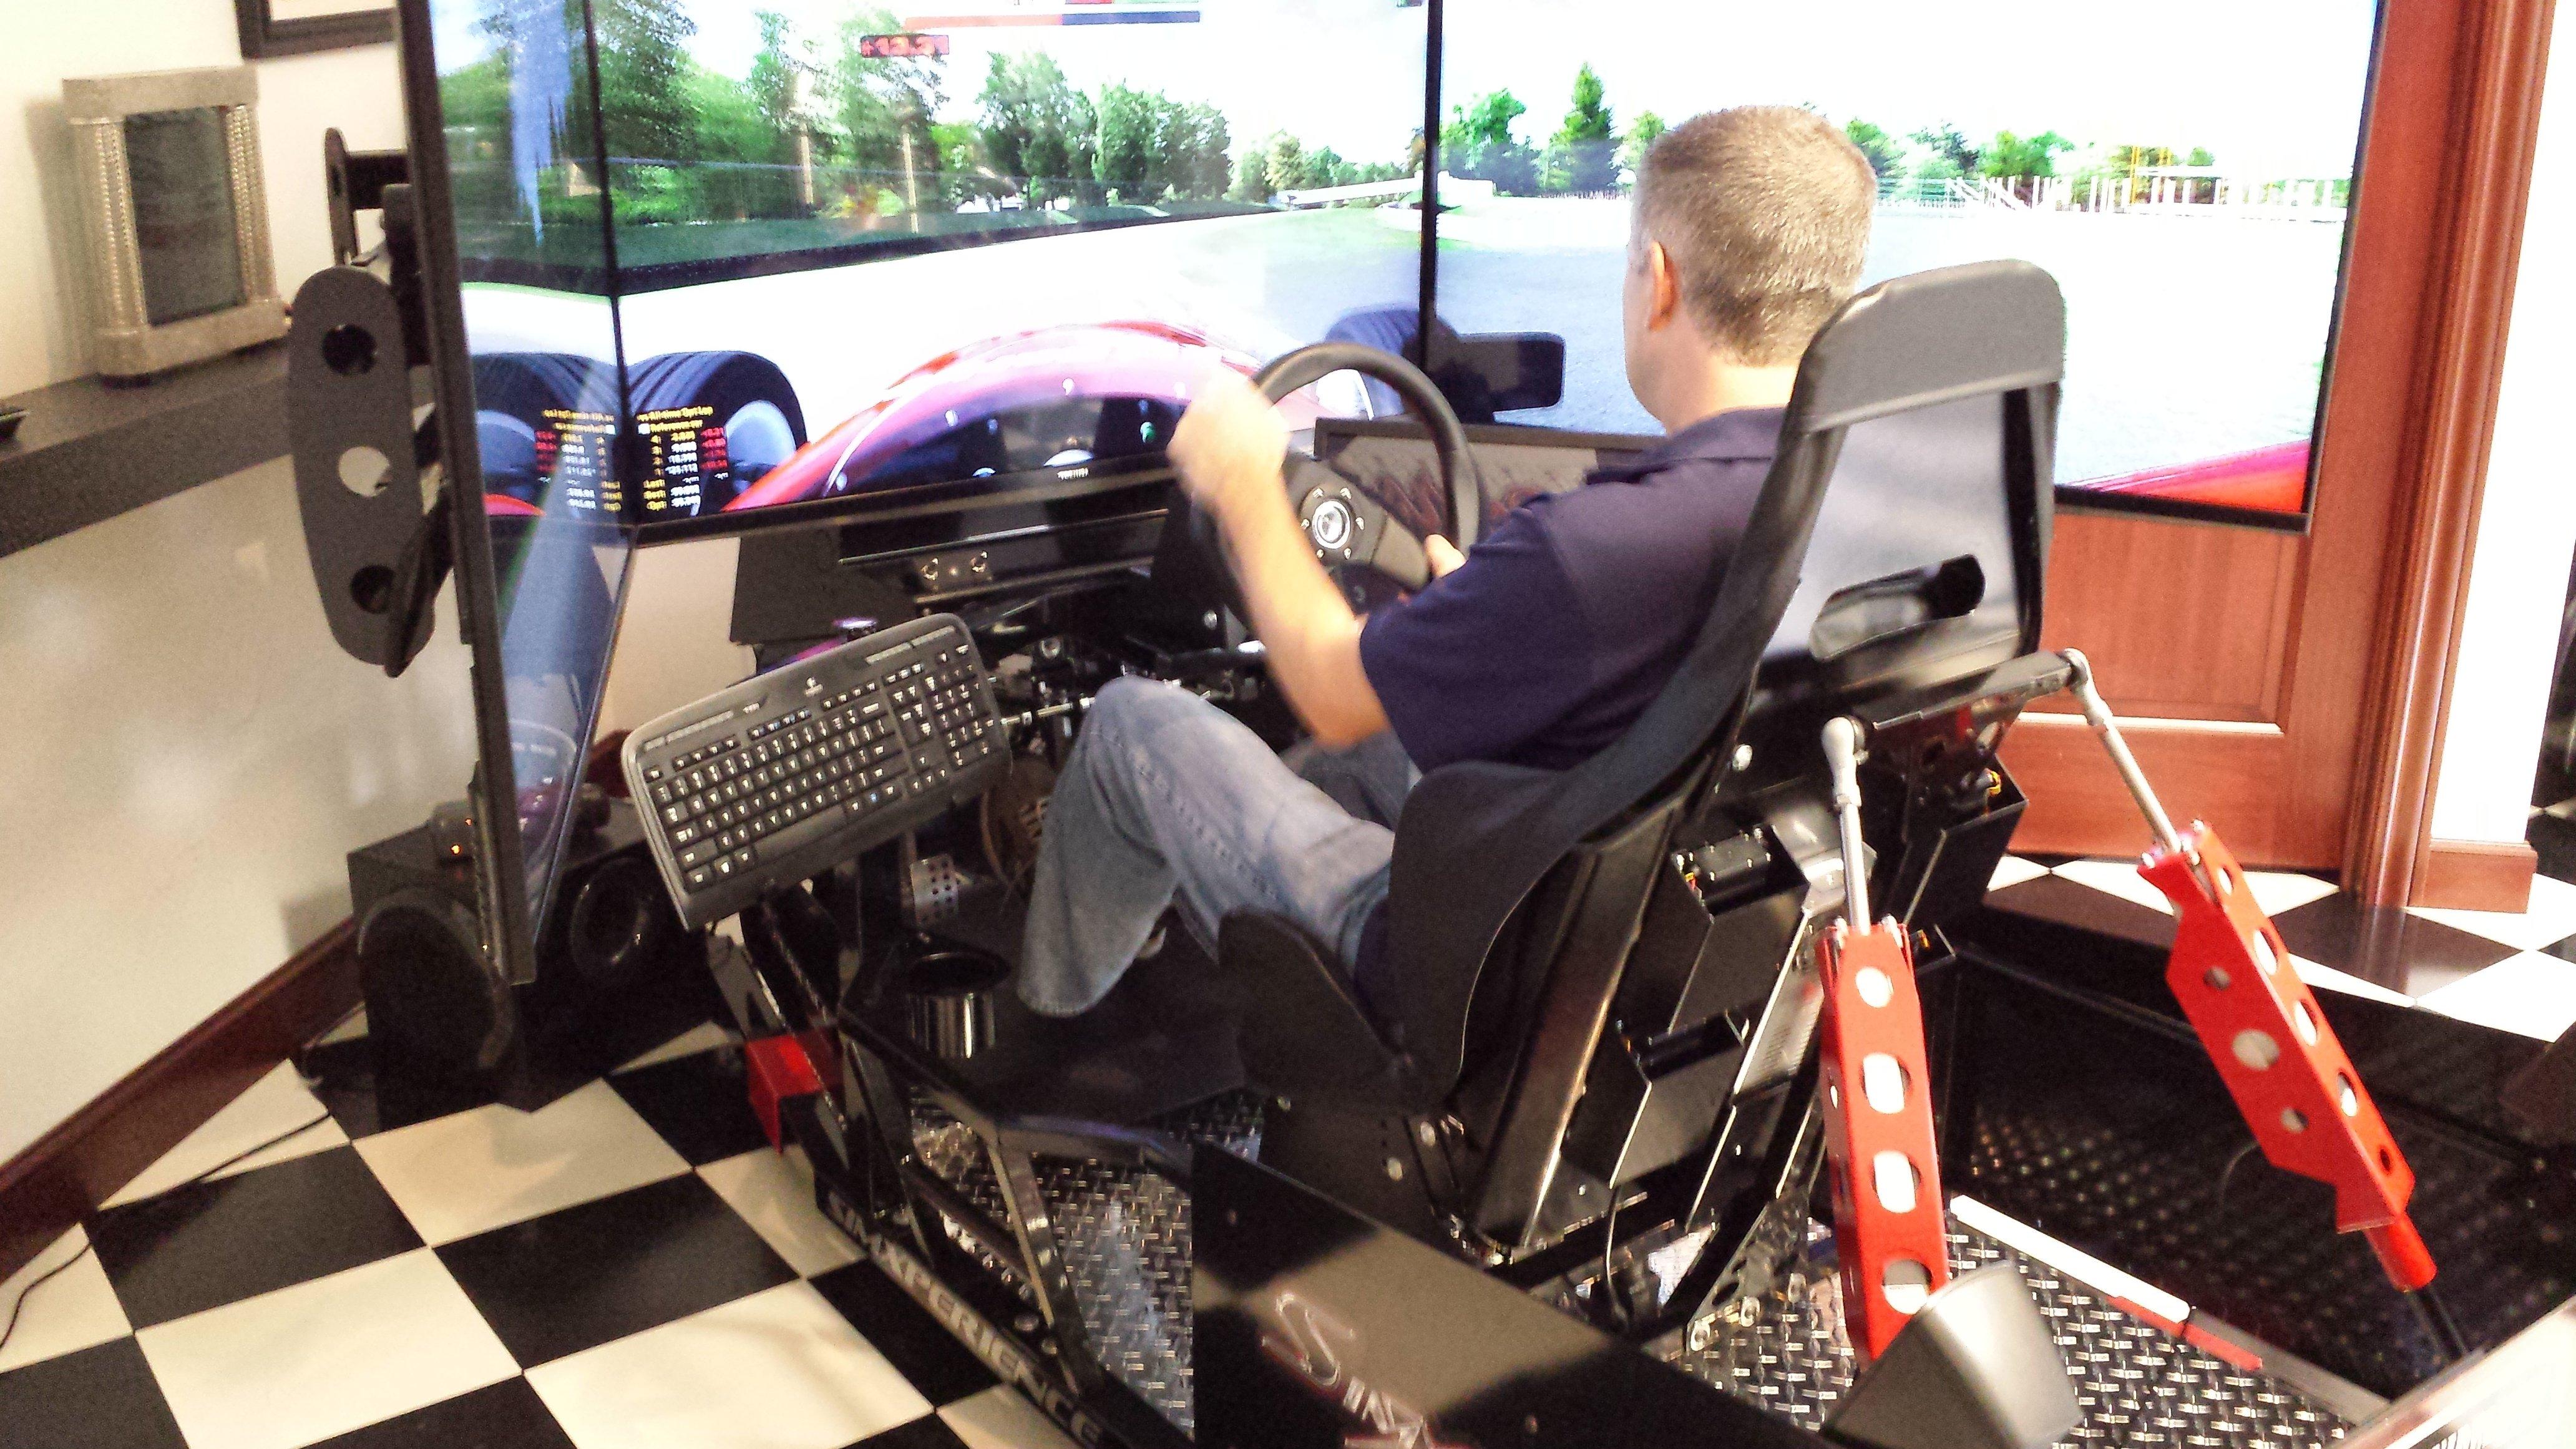 Racing simulator setup guide